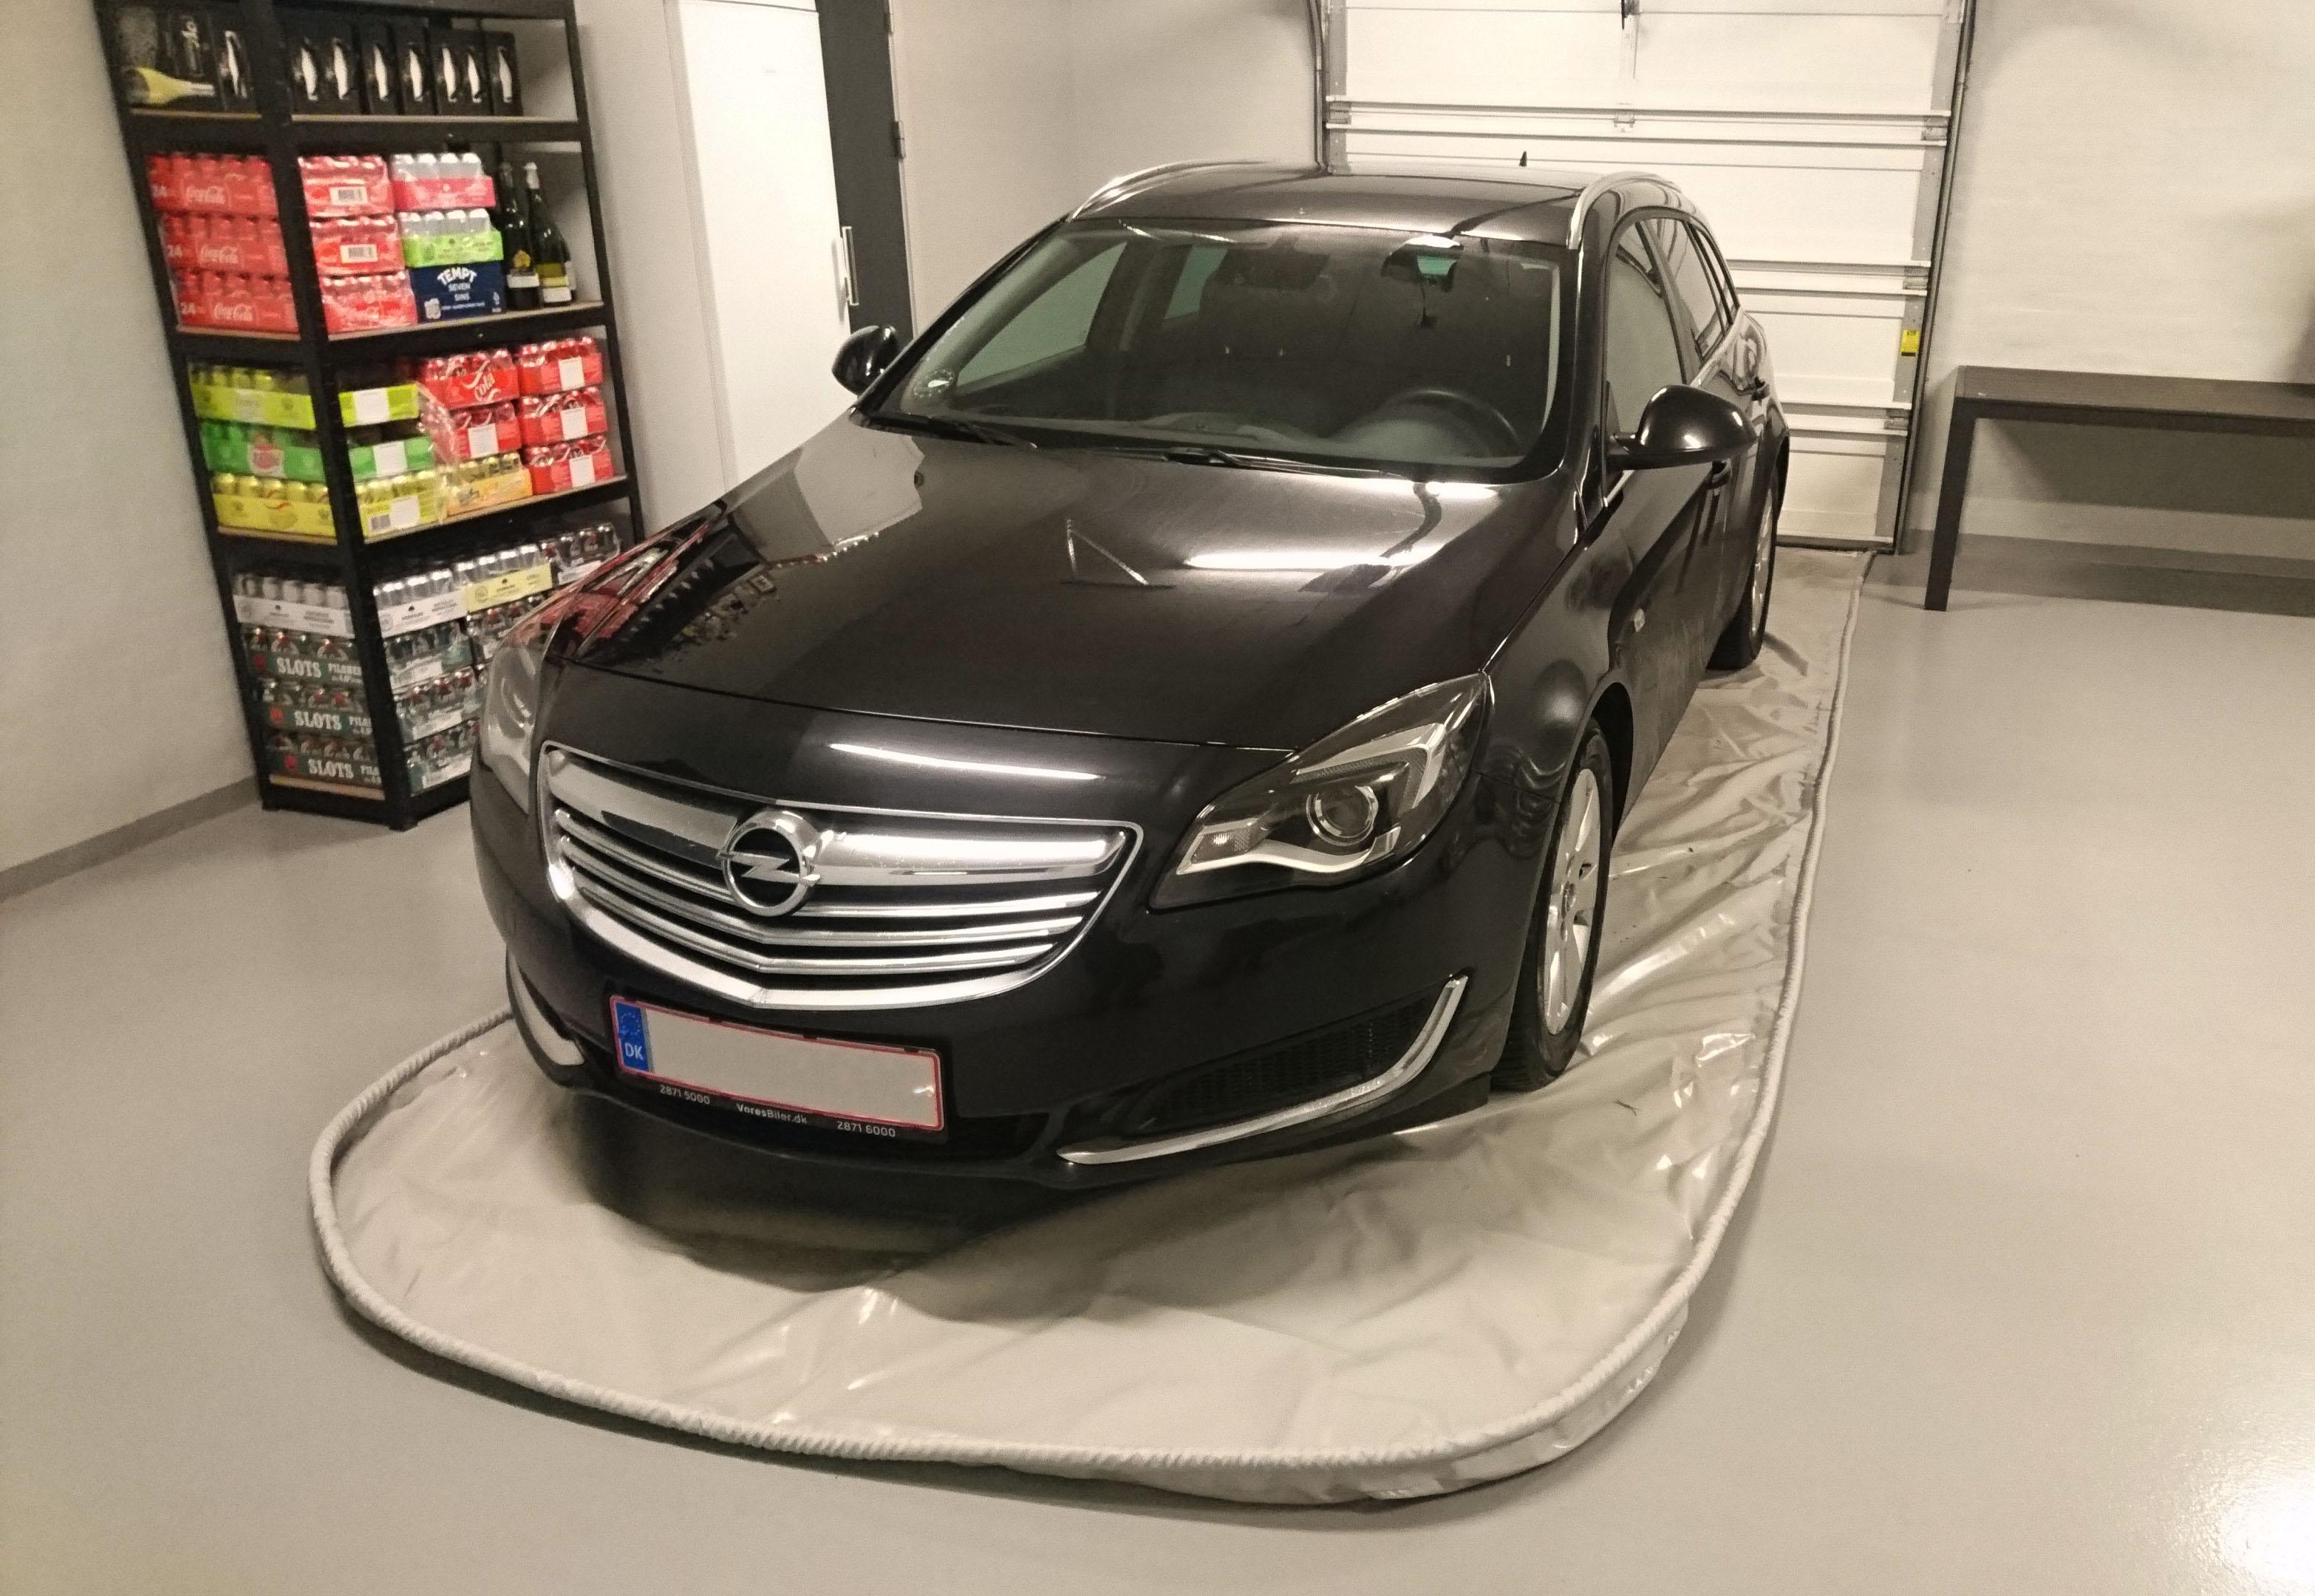 Spildunderlag - Opel stationcar